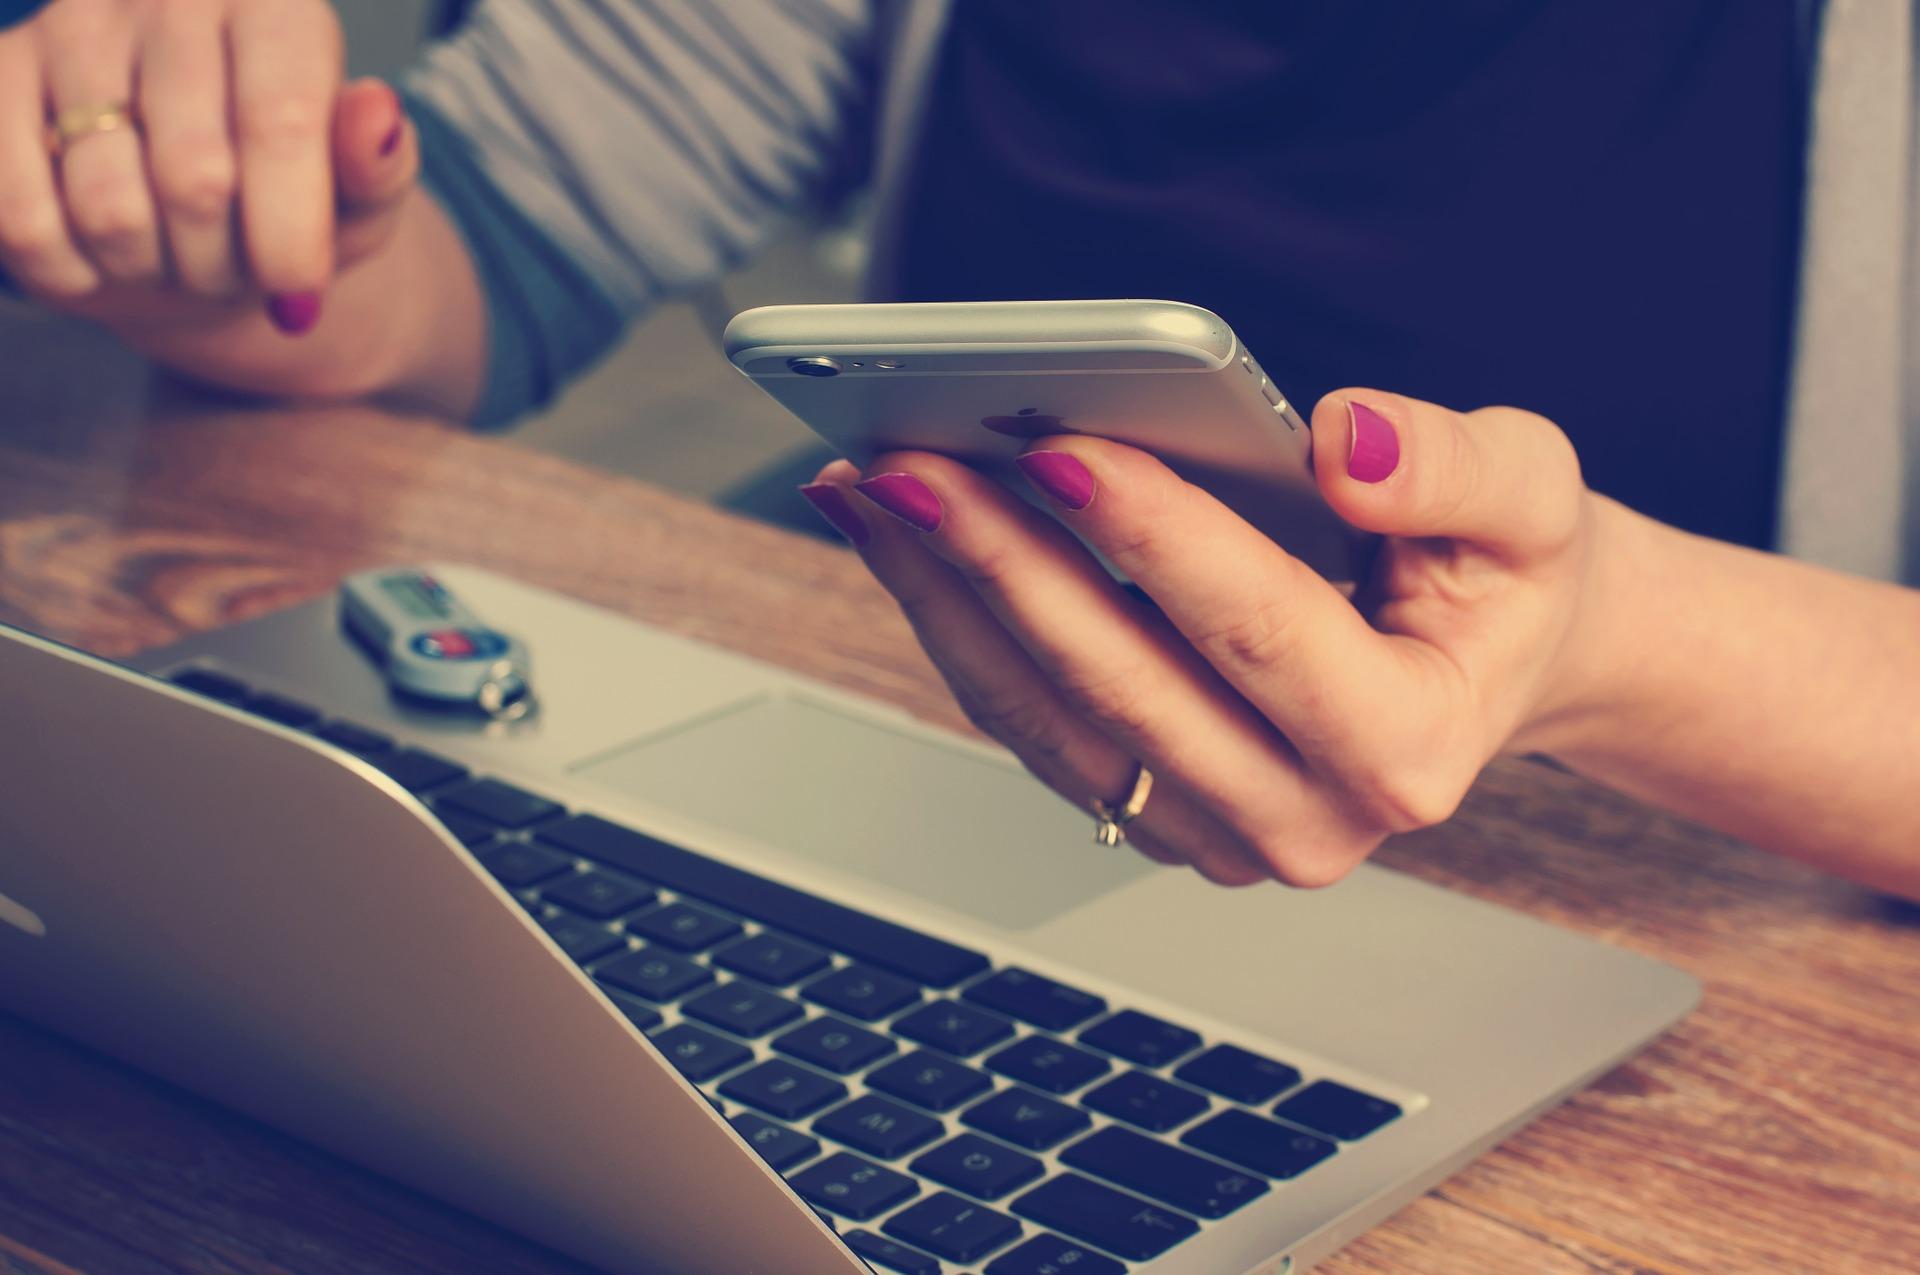 Kancelář, notebook, mobil, smartphone, Apple, internet